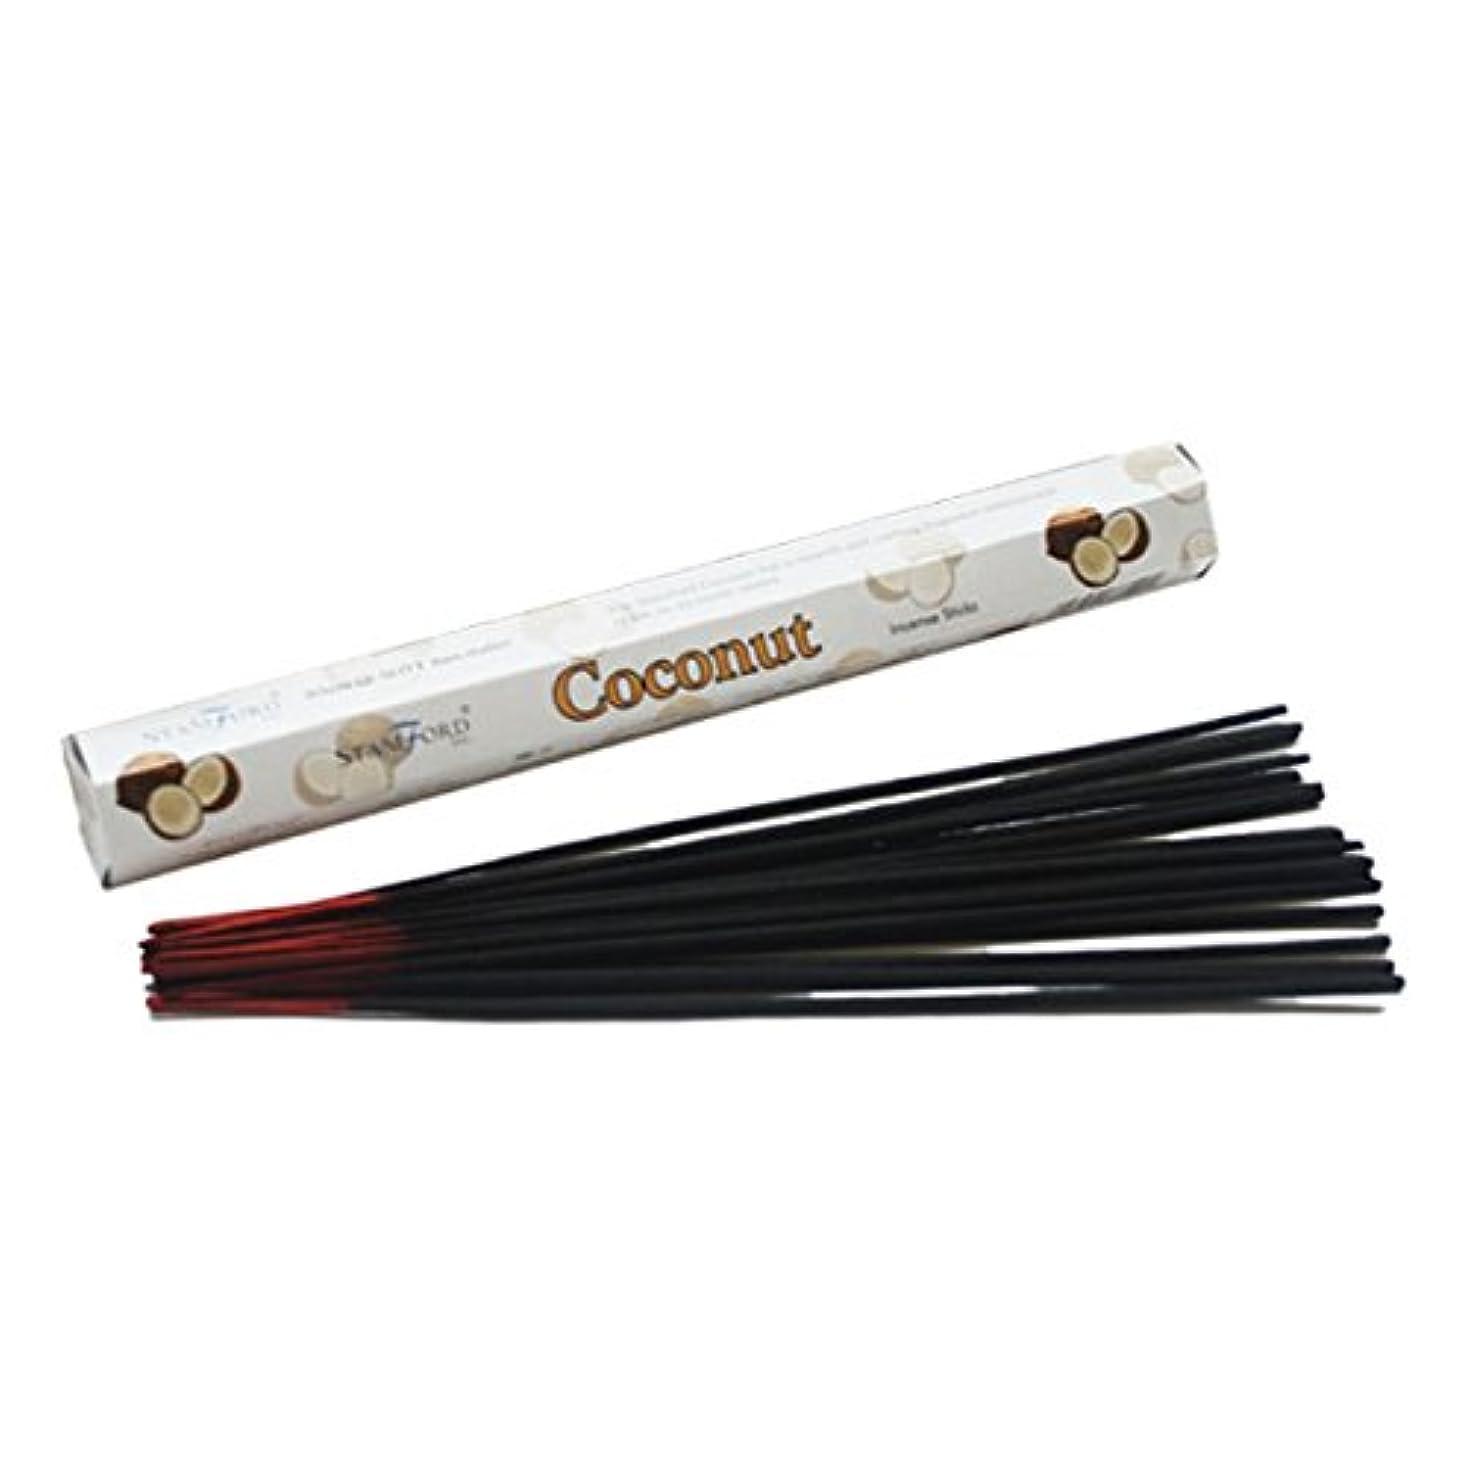 周囲レコーダーベッド37140 Coconut Stamford Premium Hex Incense Sticks